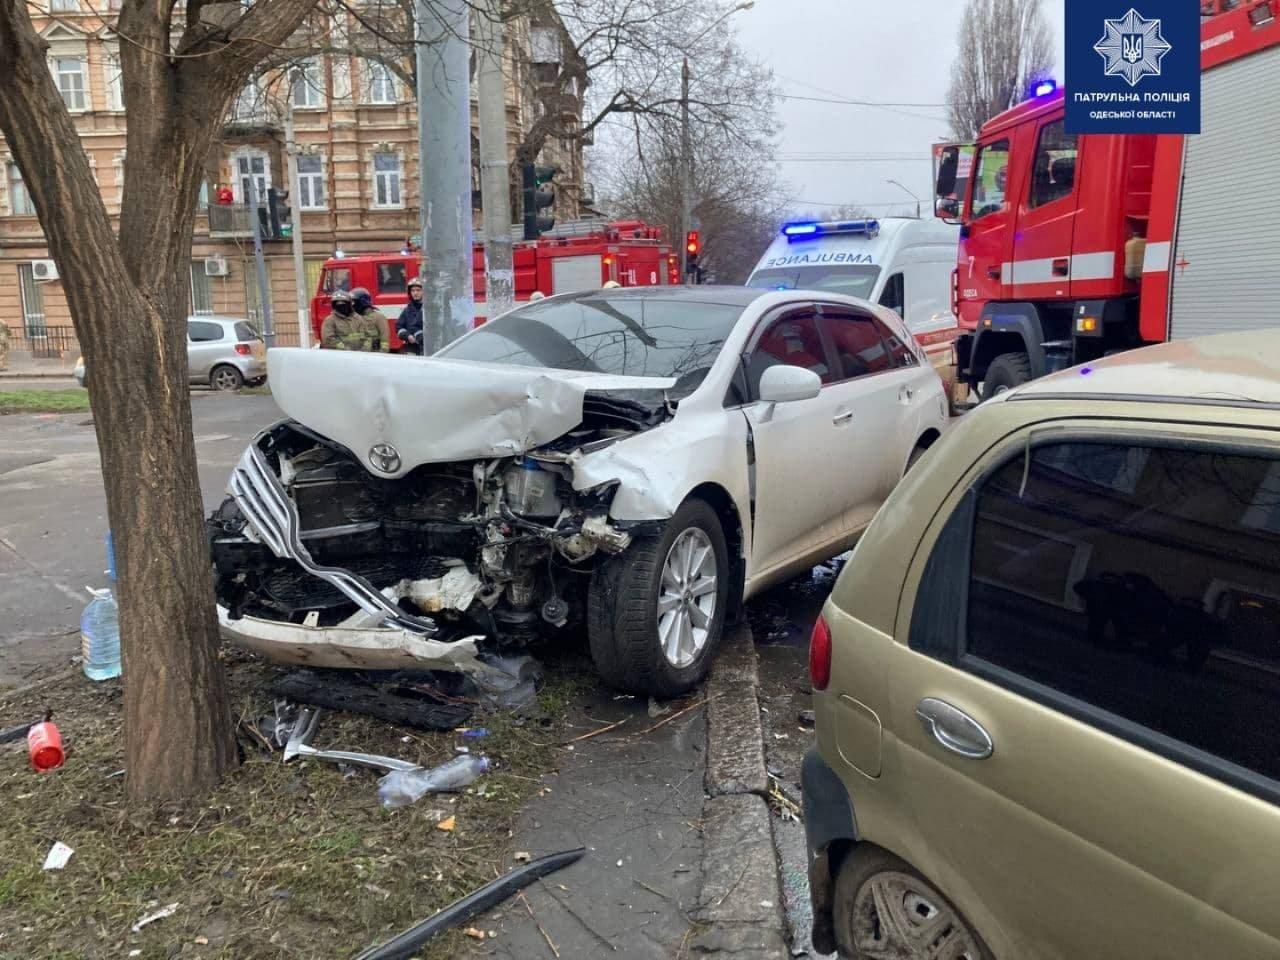 Серьёзное ДТП в Одессе: пострадал ребёнок и один из водителей, - ФОТО, фото-2